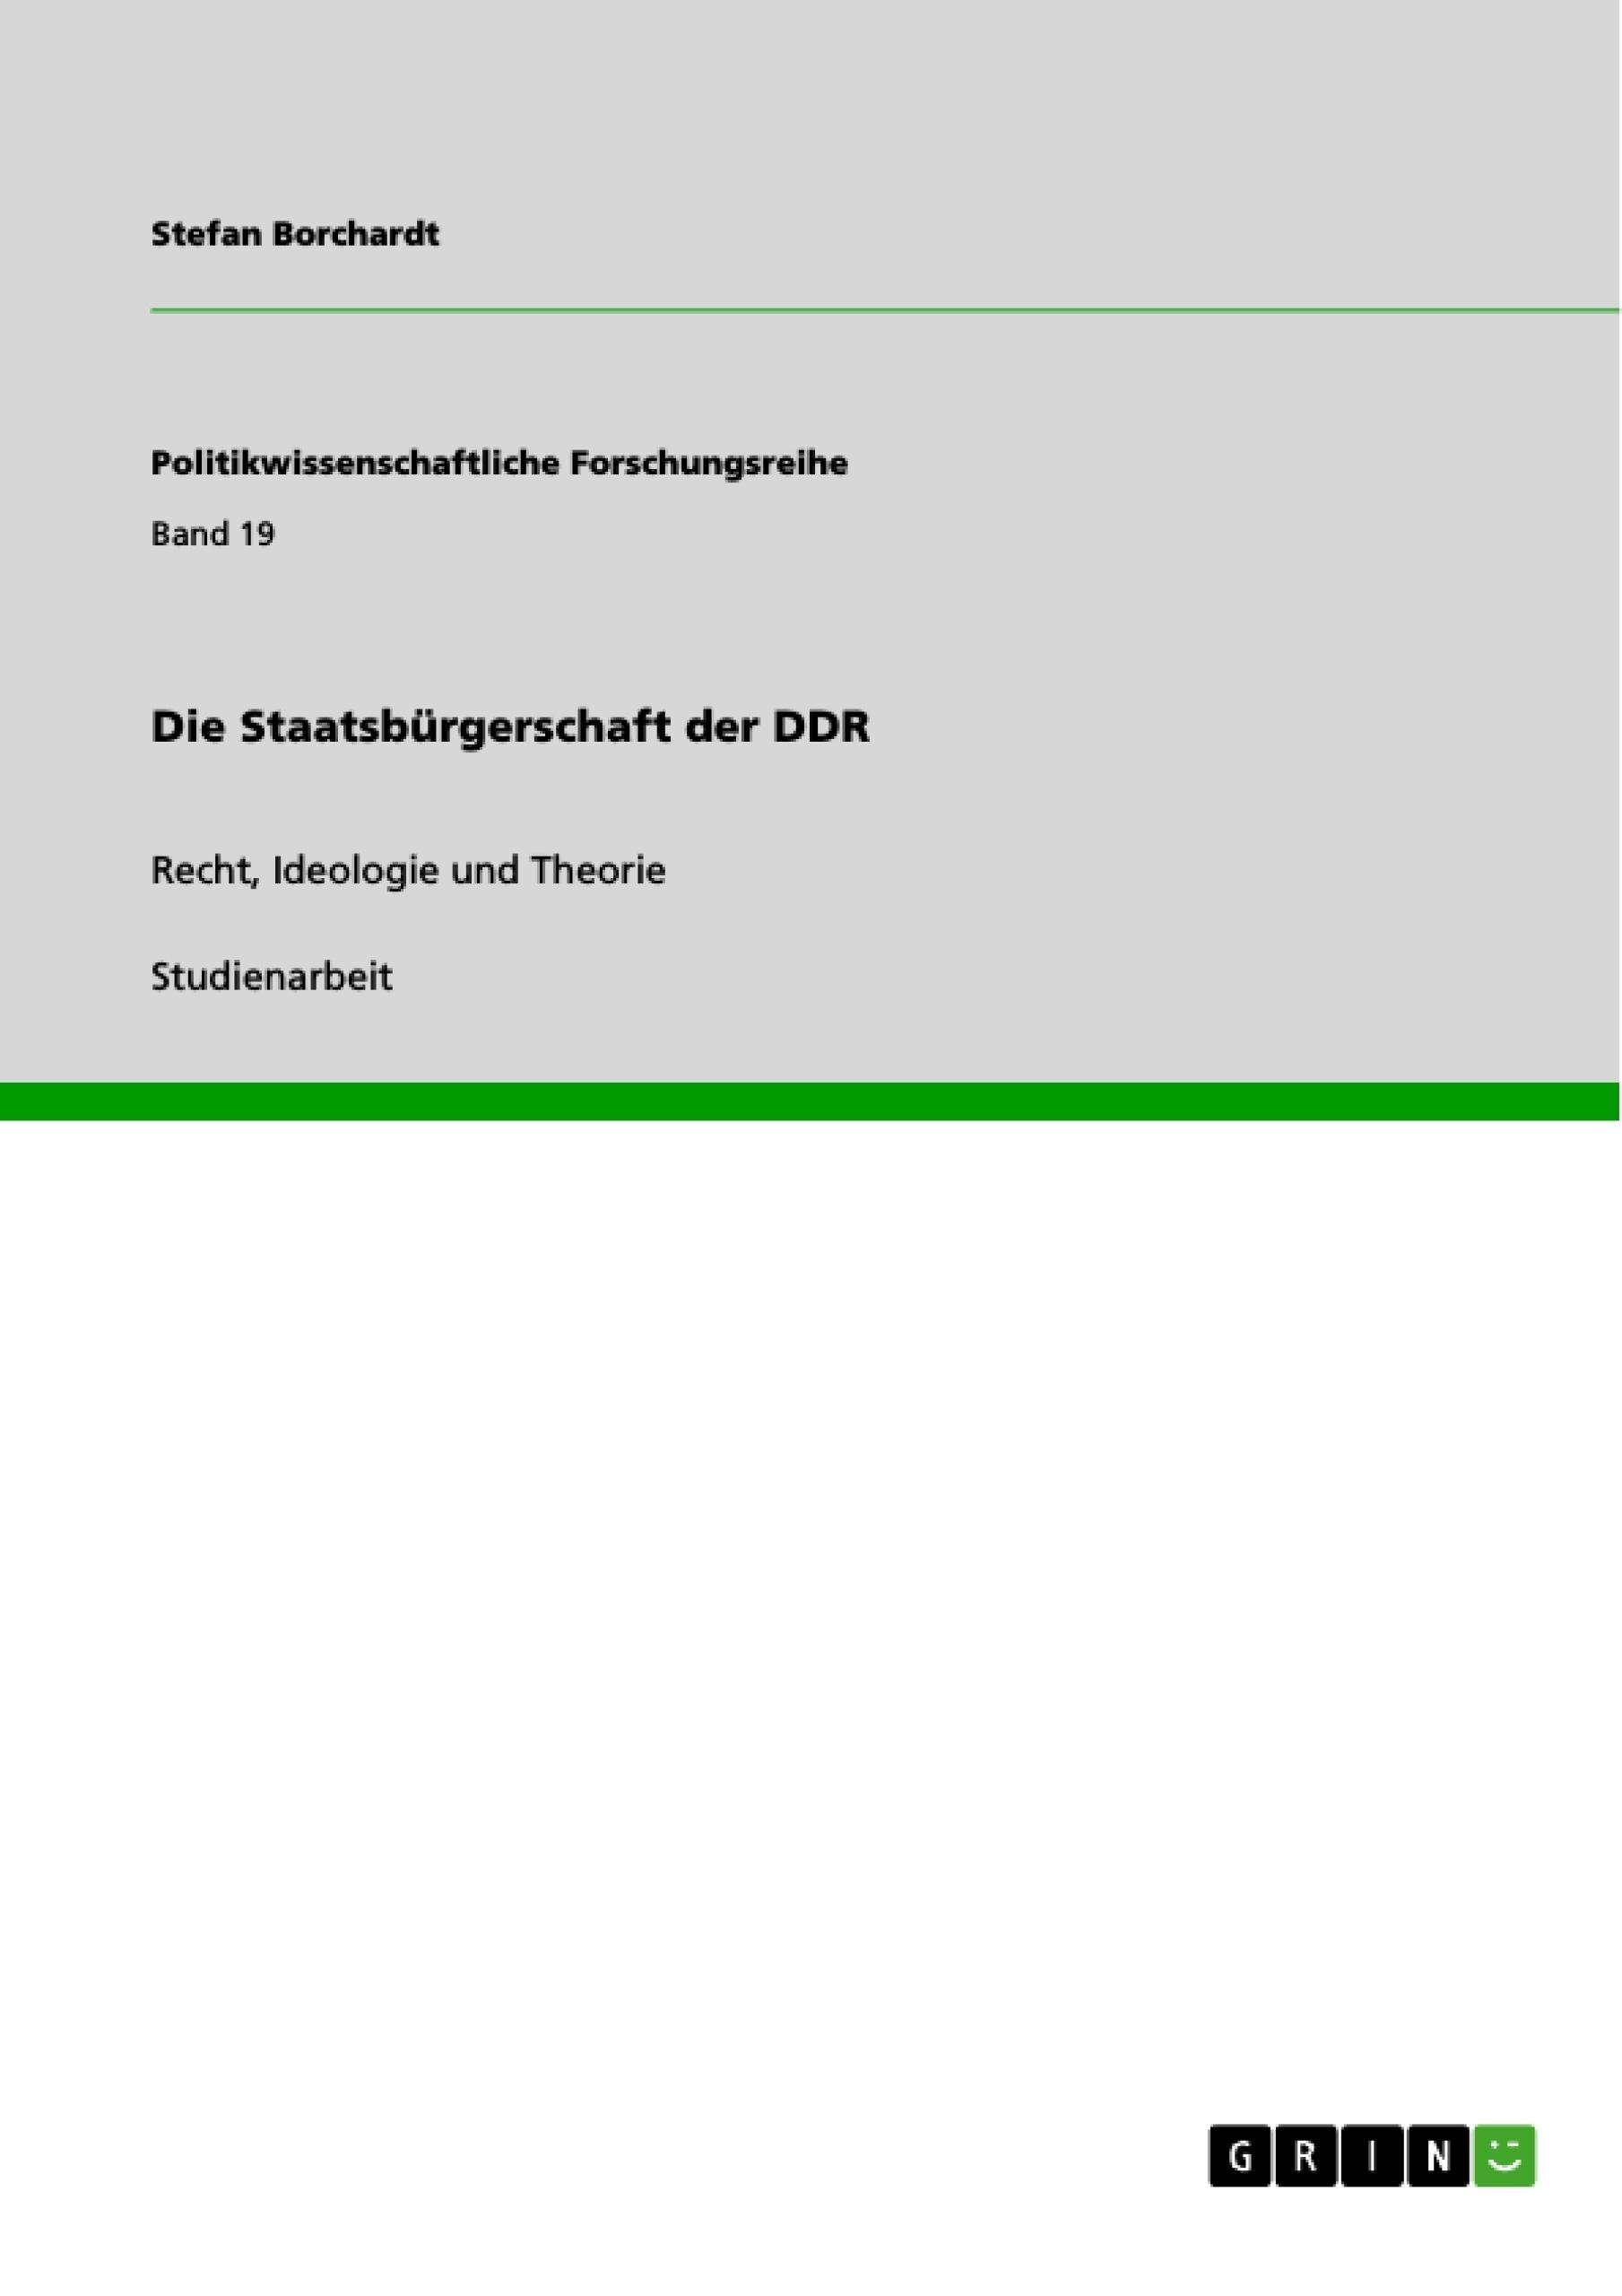 Titel: Die Staatsbürgerschaft der DDR